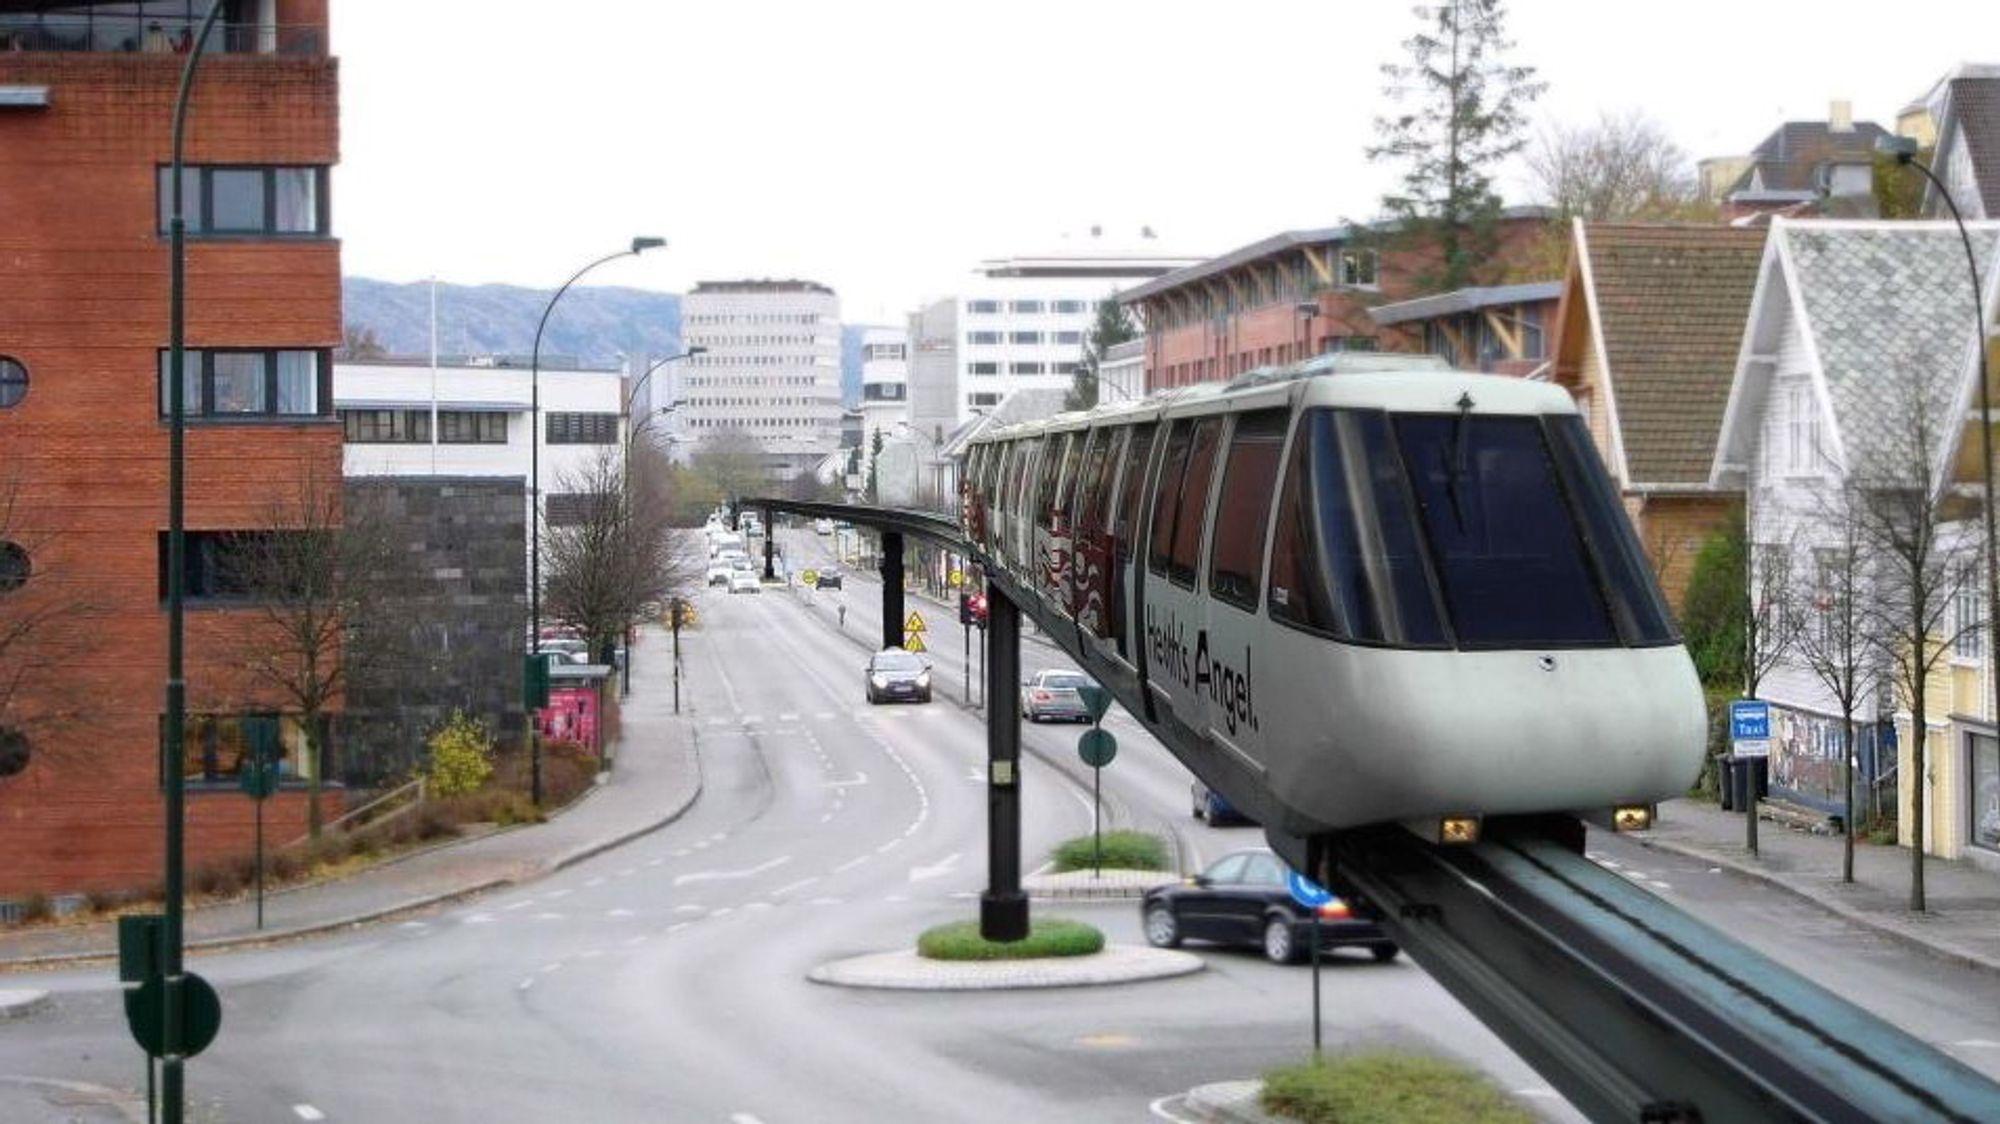 Monorail har lenge vært forbundet med noe de har i fornøyelsesparker eller gjøres narr av i en TV-episode av The Simpsons. Nå er dette en løsning som velges i stadig flere store byer rundt om i verden, skriver Bloomberg-skribent Adam Minter. I Norge har Monorail tidligere vært nevnt i debatten om fremtidig transportsystem i Stavanger, som du også kan se i montasjen.